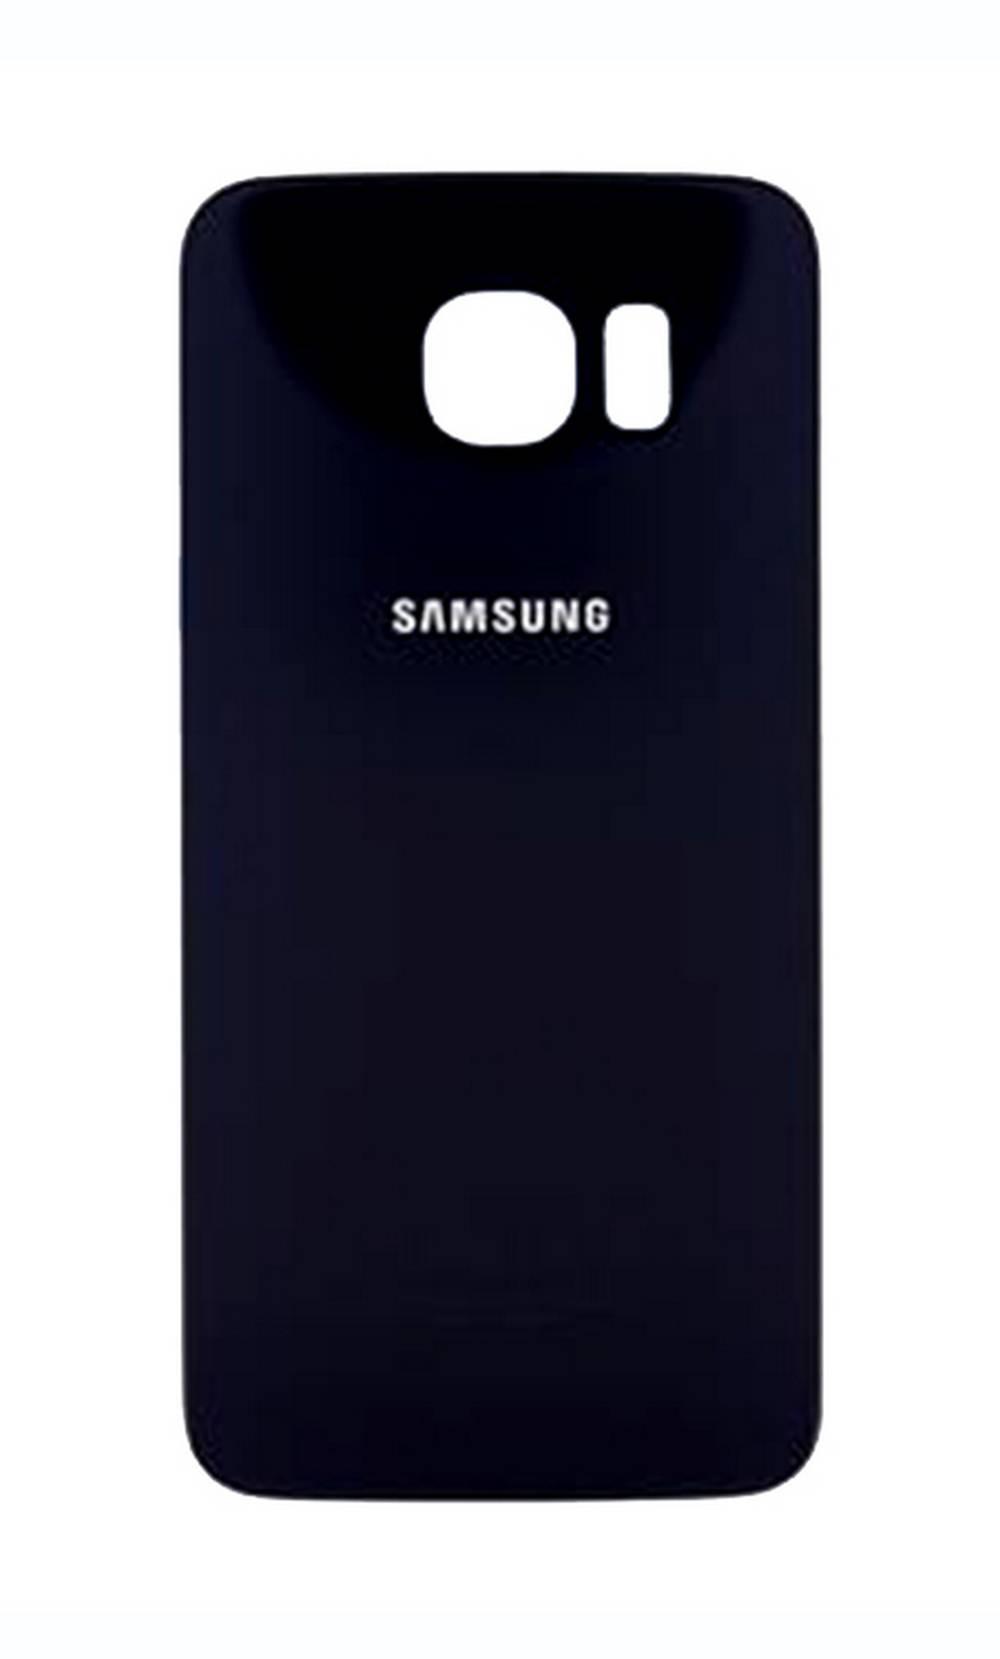 Καπάκι Μπαταρίας Samsung SM-G920F Galaxy S6 Μαύρο Original GH82-09825A